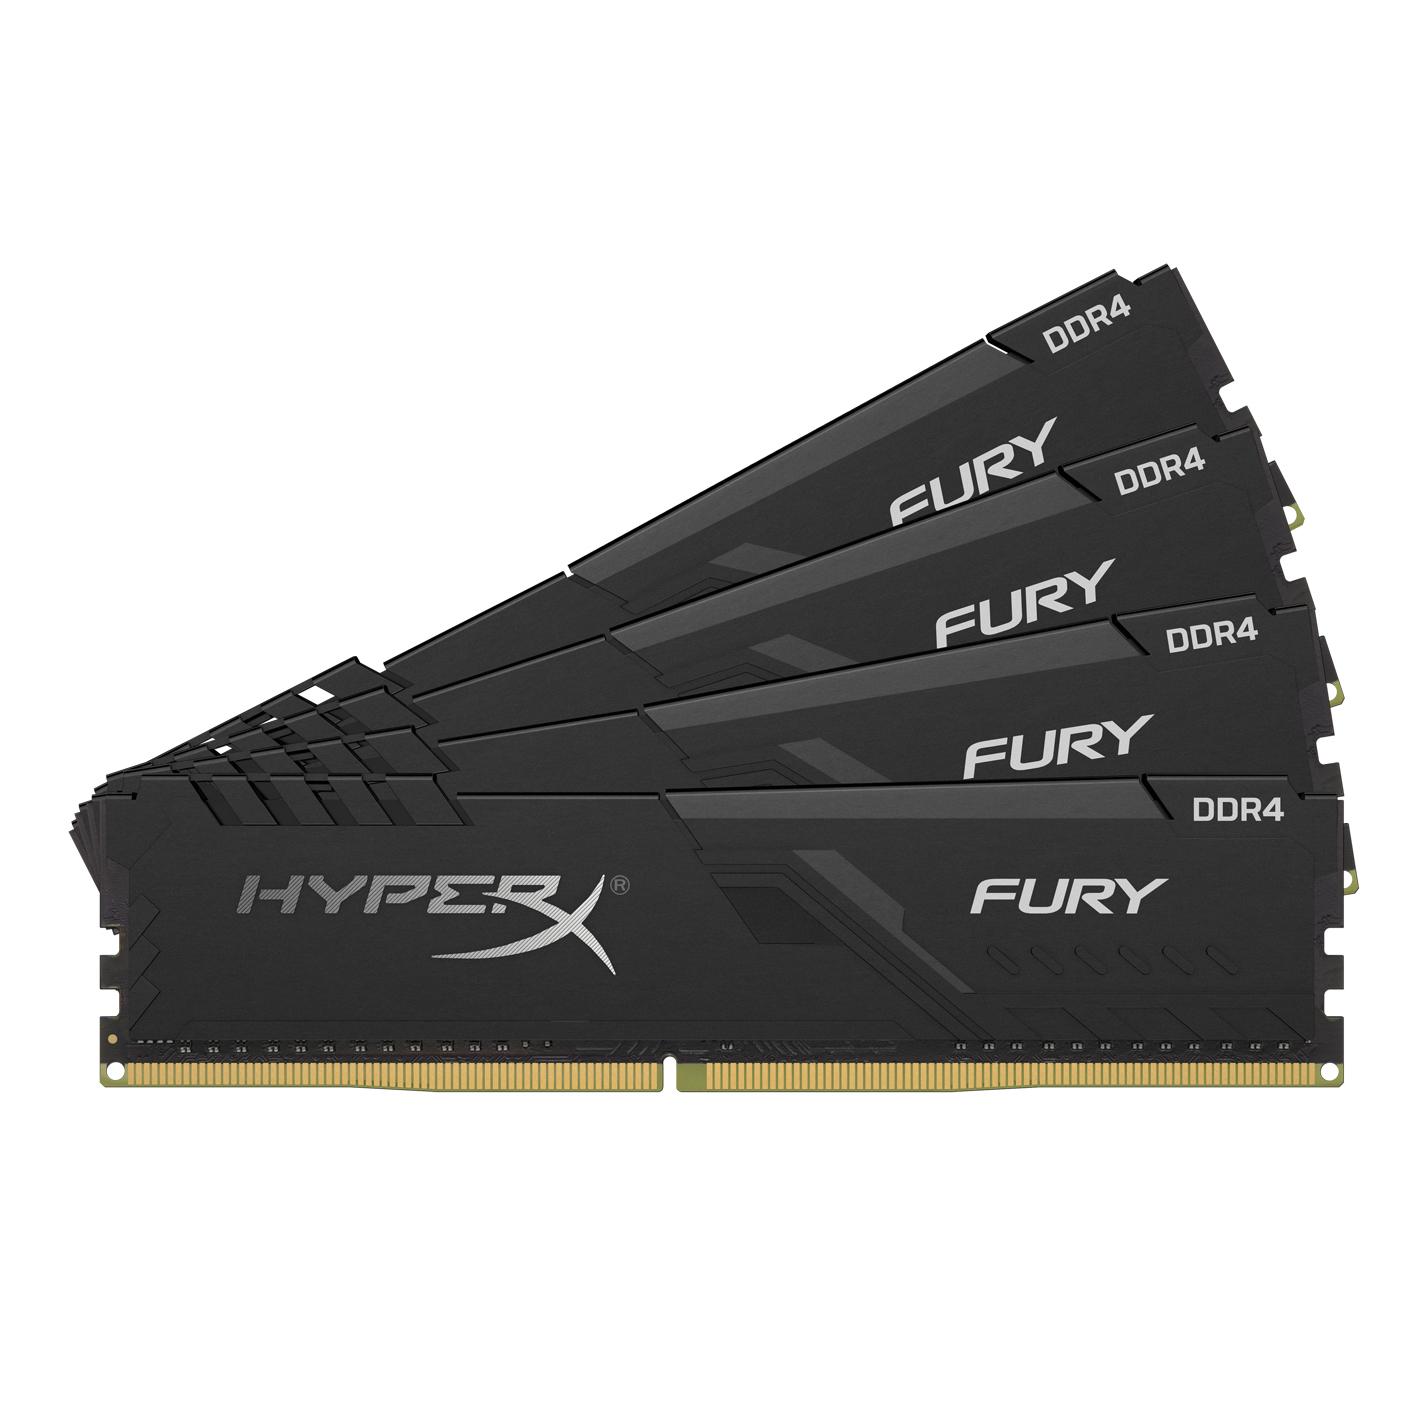 HyperX FURY HX430C15FB3K4/16 memory module 16 GB DDR4 3000 MHz